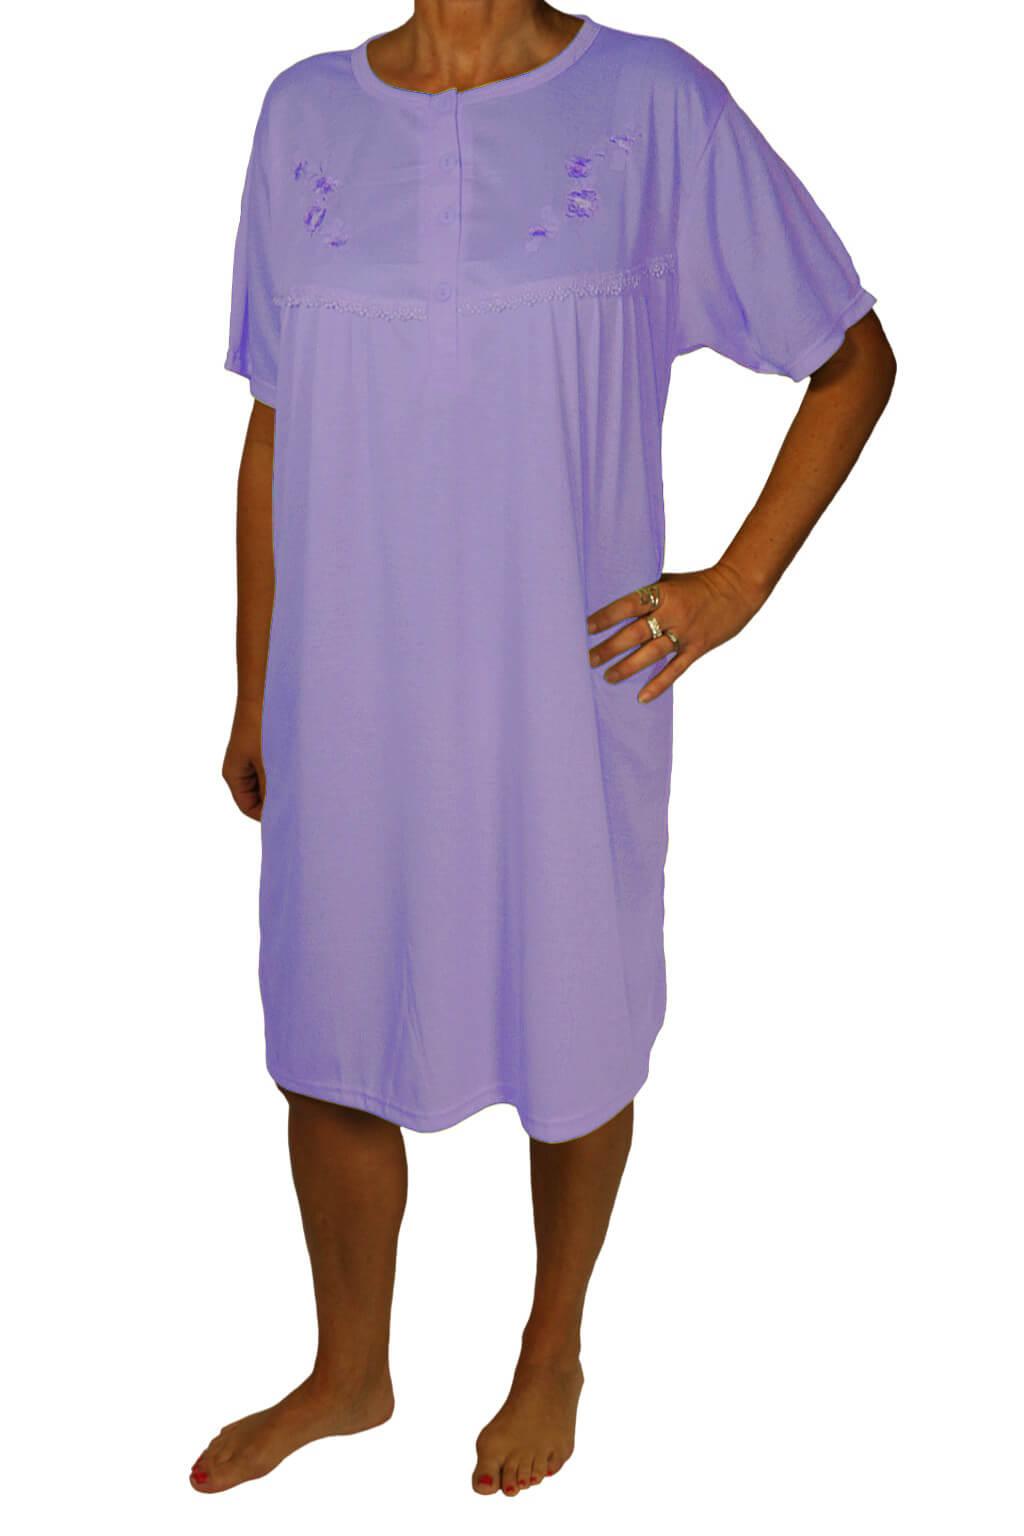 Jeronima dámská noční košile s výšivkou fialová L